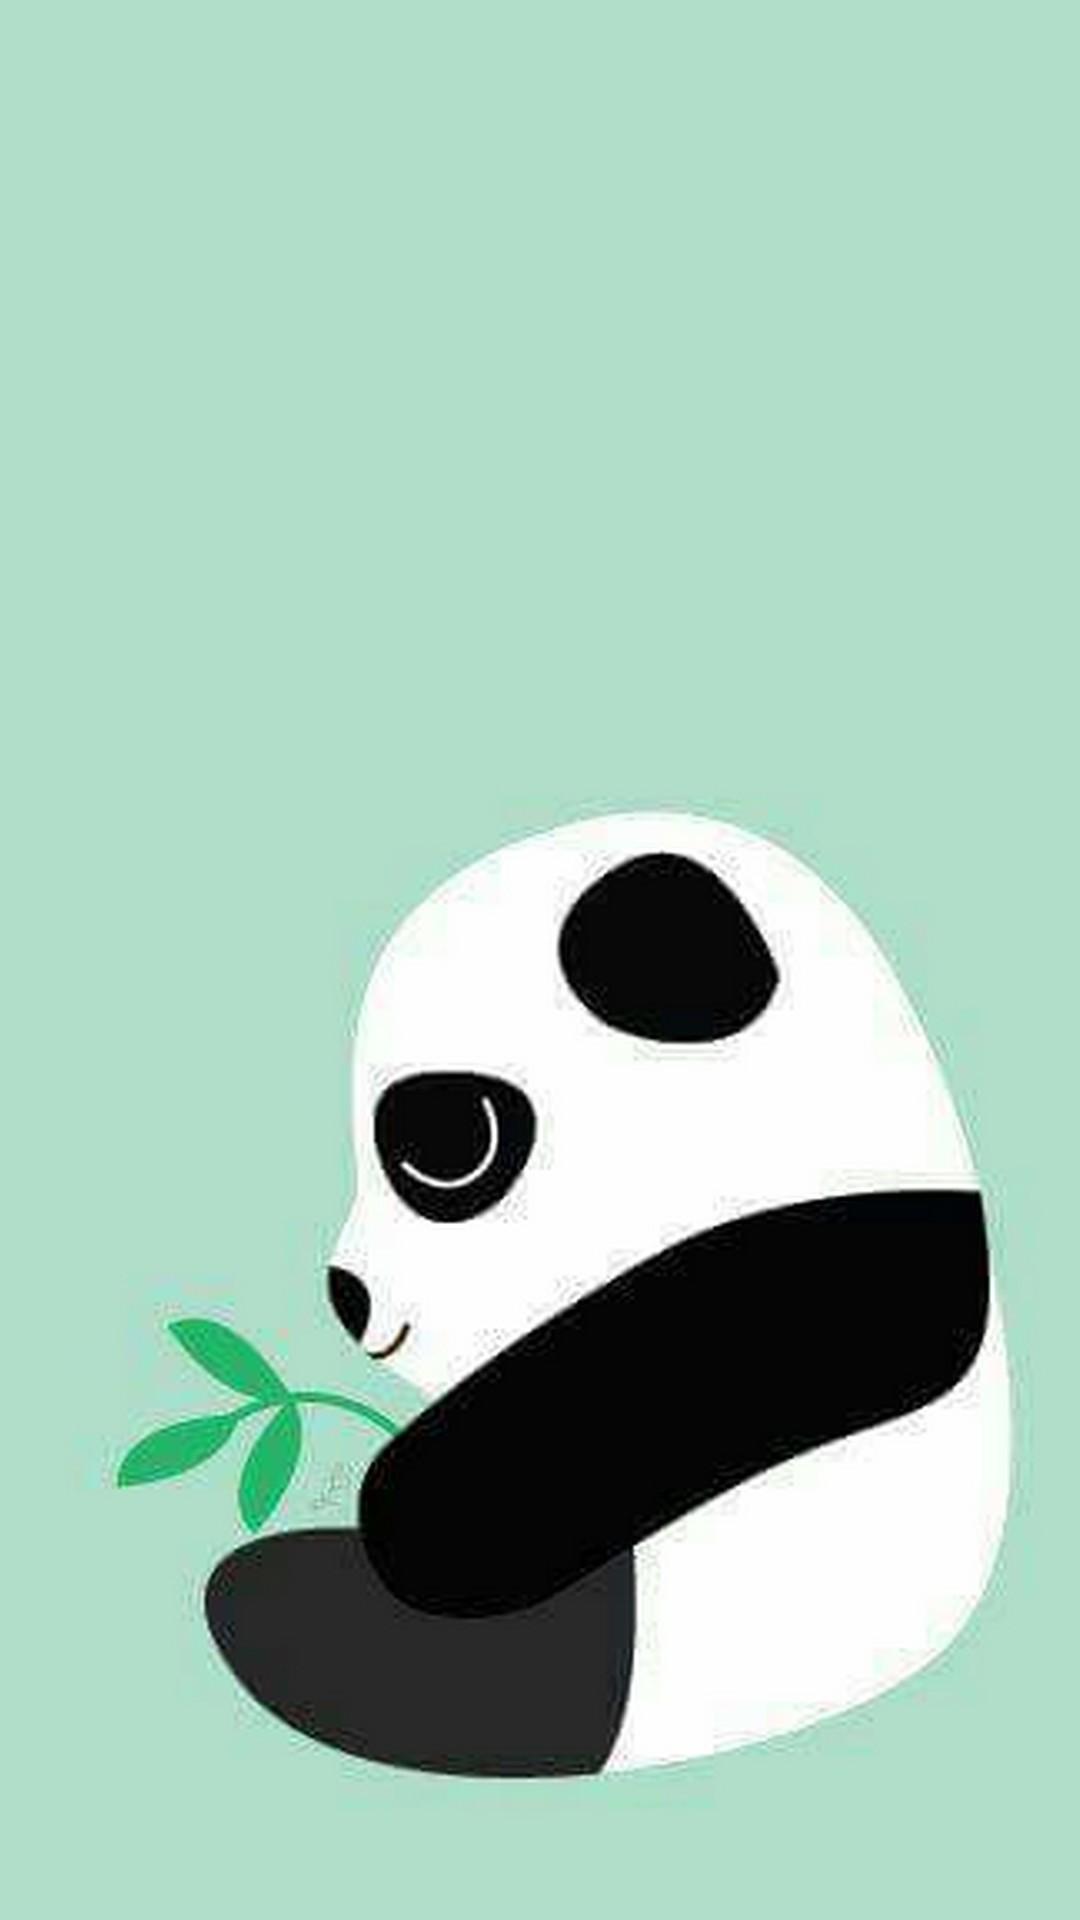 Cartoon Cute Wallpapers Panda